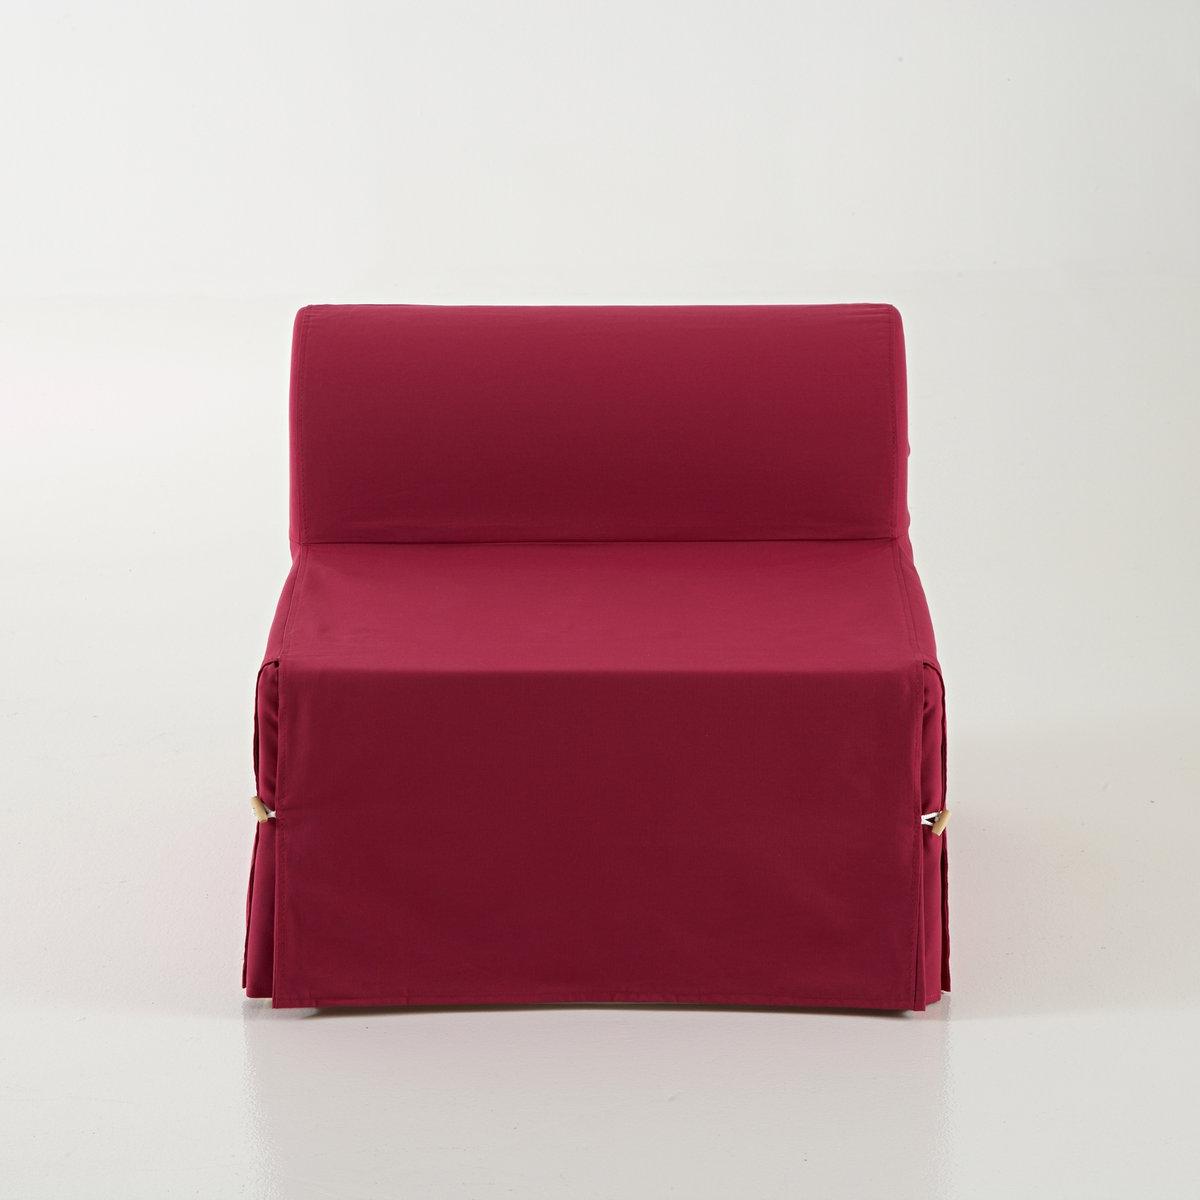 Кресло-банкетка-кровать Dave Meeting mousseРазмеры кресла Dave Meeting mousse 1-мест.:Общие :Ширина : 60 смВысота : 50 смГлубина : 75 см. Высота сиденья : 26 смв лежачем положении : 60 x 180 см . Толщина : 13 см Раскладывается в кровать   Обивка :100% хлопка (220г/м?). Со снимаемым чехлом - Уход: сухая чистка . Застежка на деревянные пуговицы .Стандартный комфорт пеноматериала :Матрас с полиэфирным наполнителем 17кг/м?, толщина 13 см .Найдите другие модели из коллекции Meeting на нашем сайте  .Доставка :Ваше кресло-банкетка-кровать Dave Meeting будет доставлено до квартиры !Внимание ! Убедитесь, что посылку возможно доставить на дом, учитывая ее габариты Размер и вес с упаковкой :1 упаковка 108 x 28 x 61 см, 3 кг<br><br>Цвет: антрацит,бирюзовый,красный,серо-коричневый,серый,сливовый,фуксия